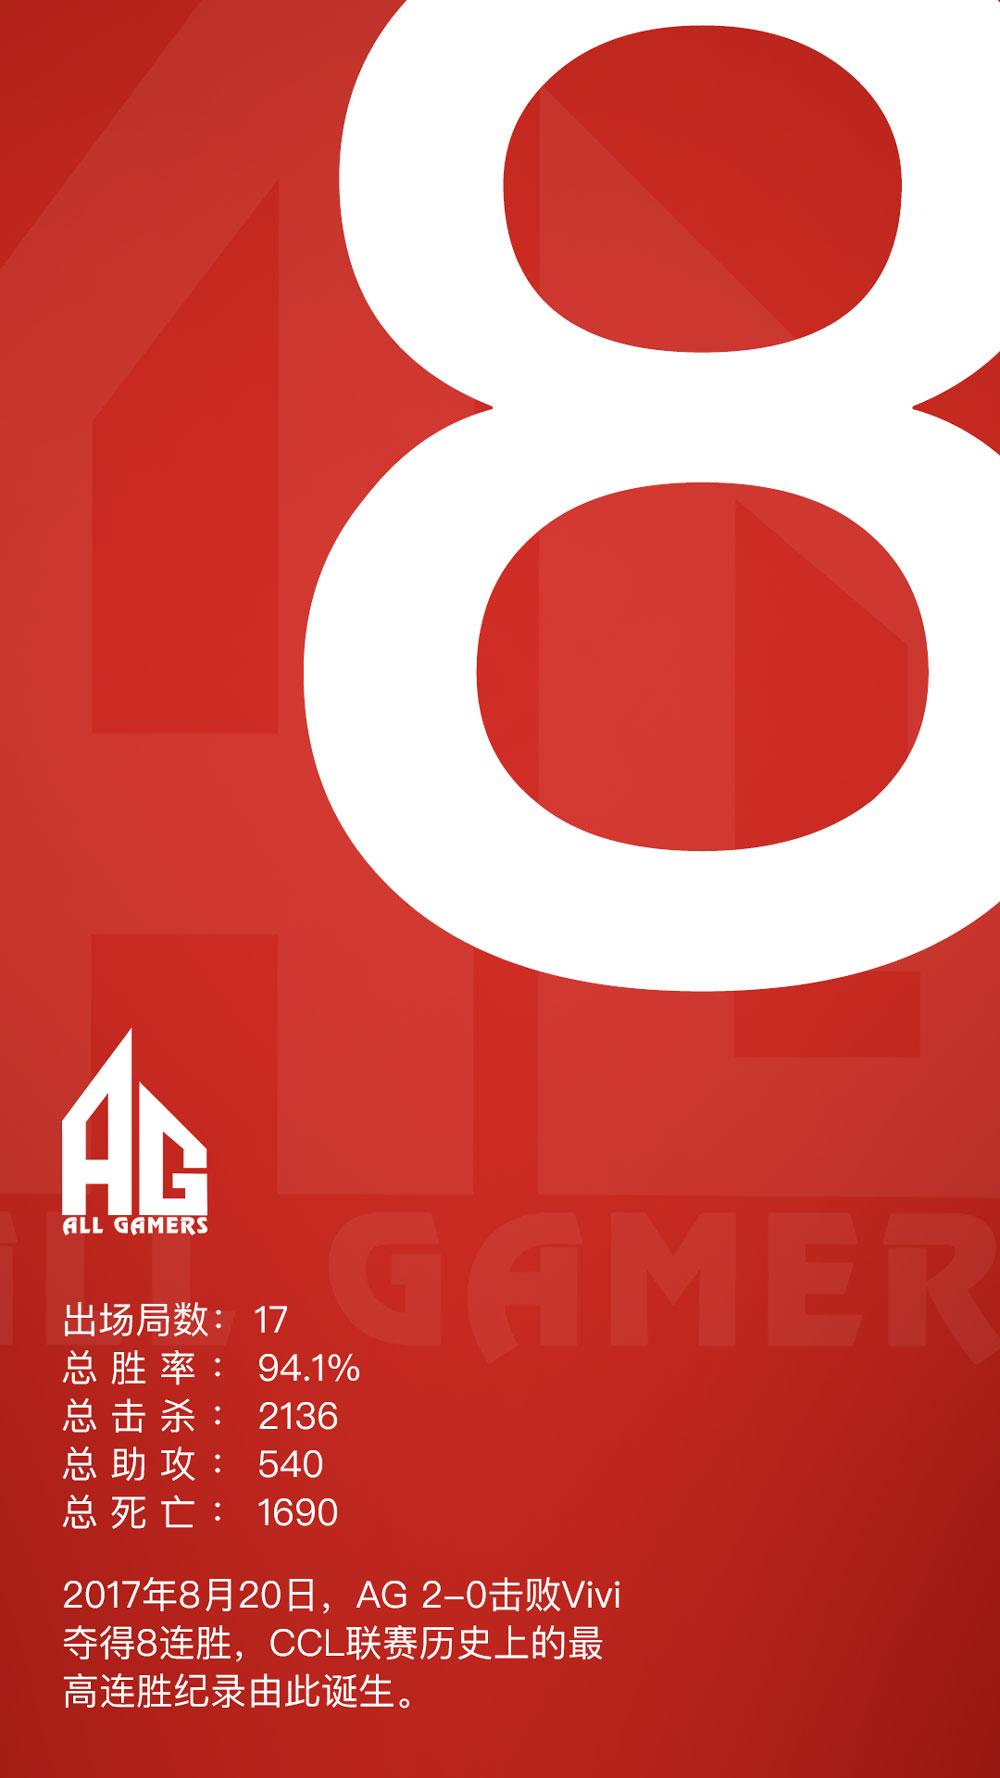 AG八连胜.jpg